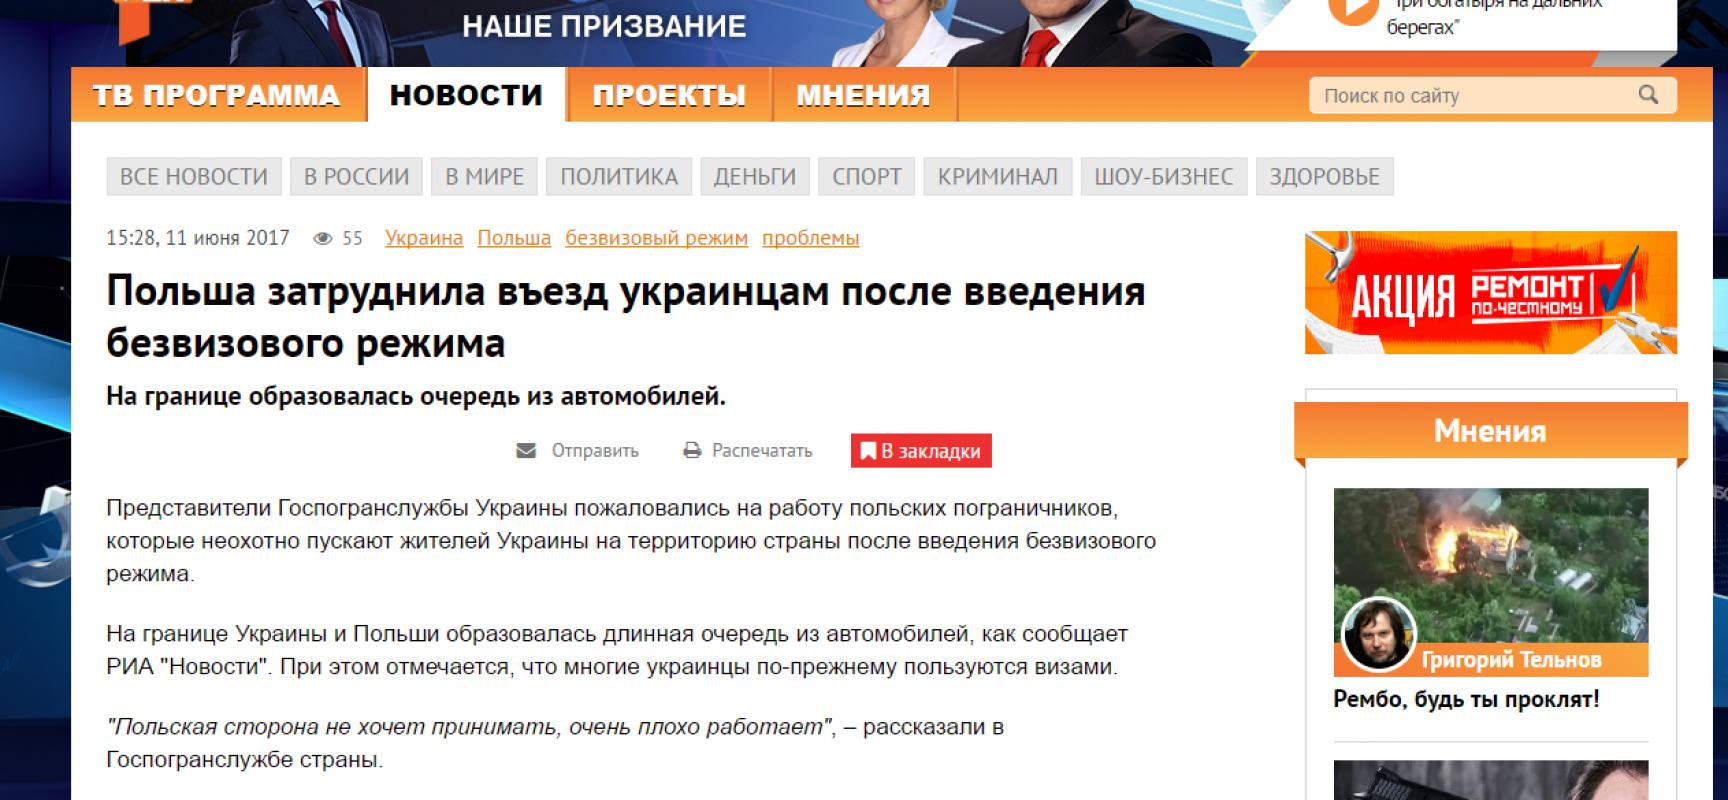 Fake: La Polonia lascia entrare gli ucraini nell'UE malvolentieri